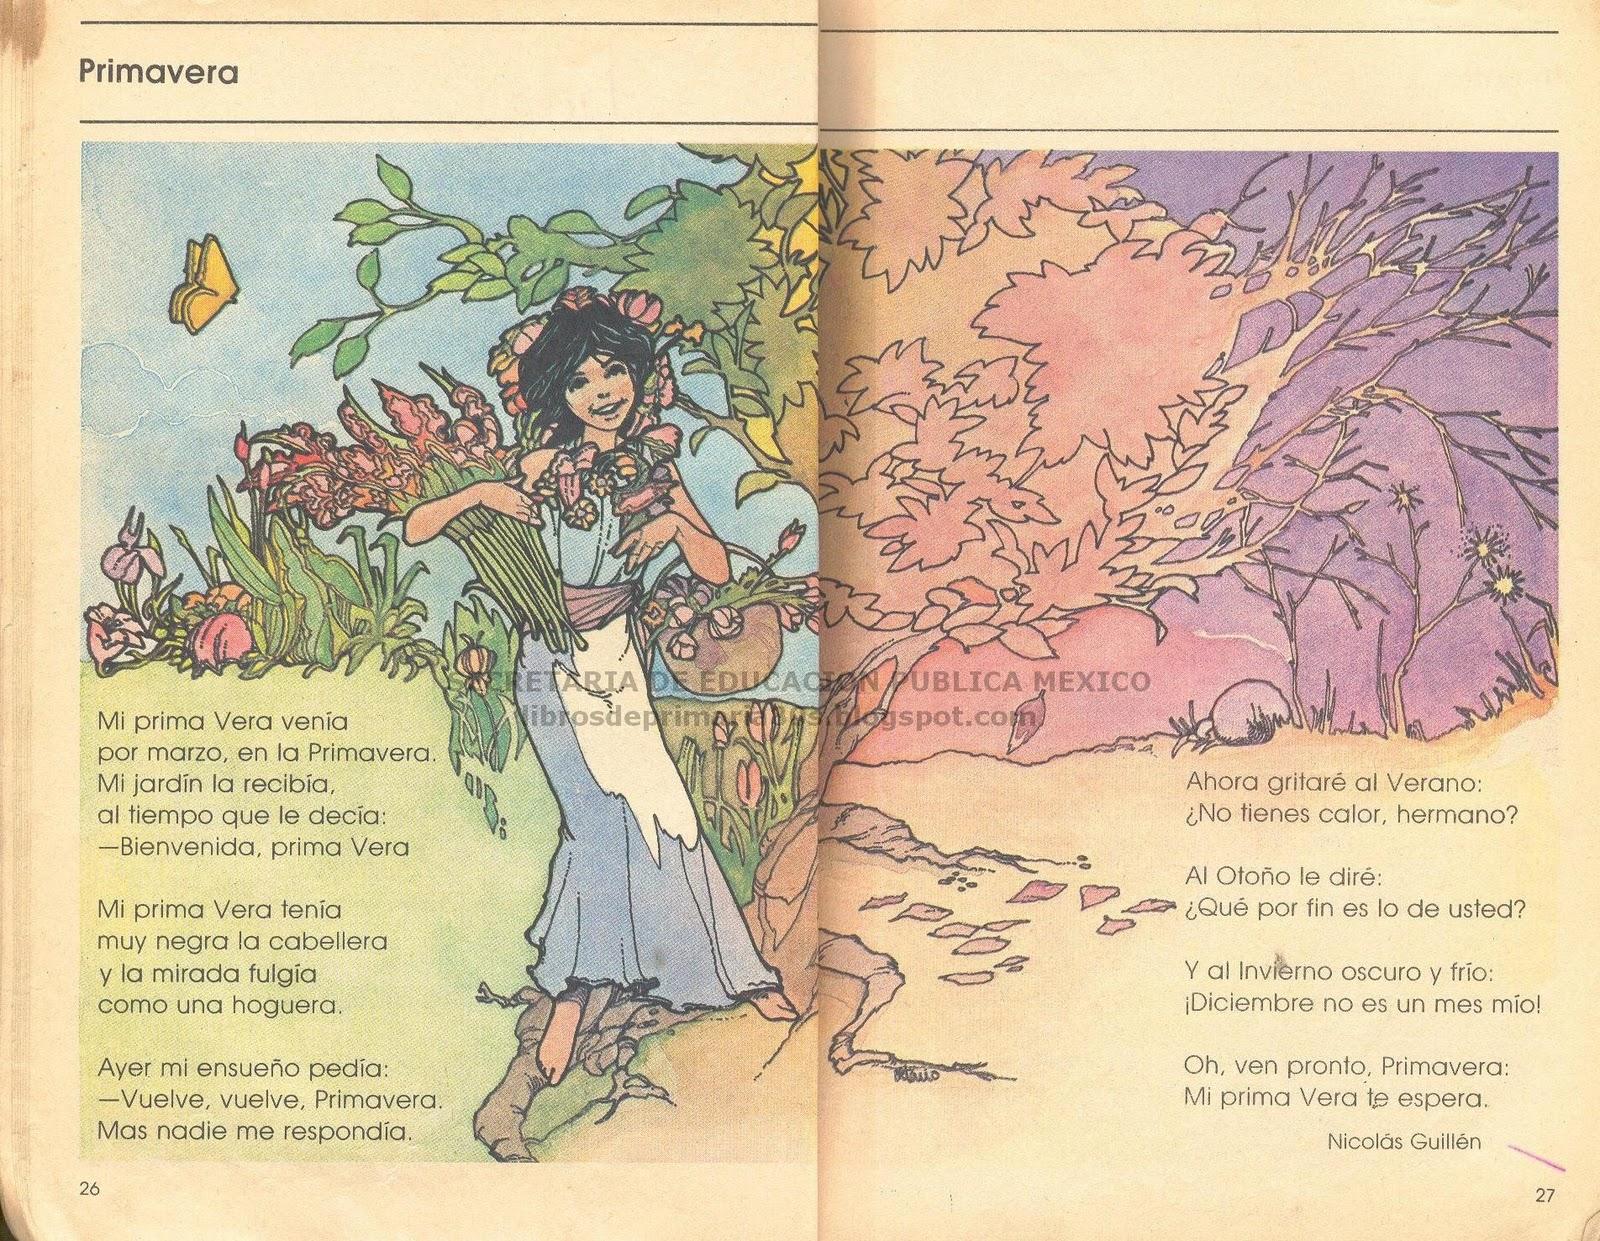 Libros de primaria de los 80 39 s primavera mi libro de for Que luna estamos ahora